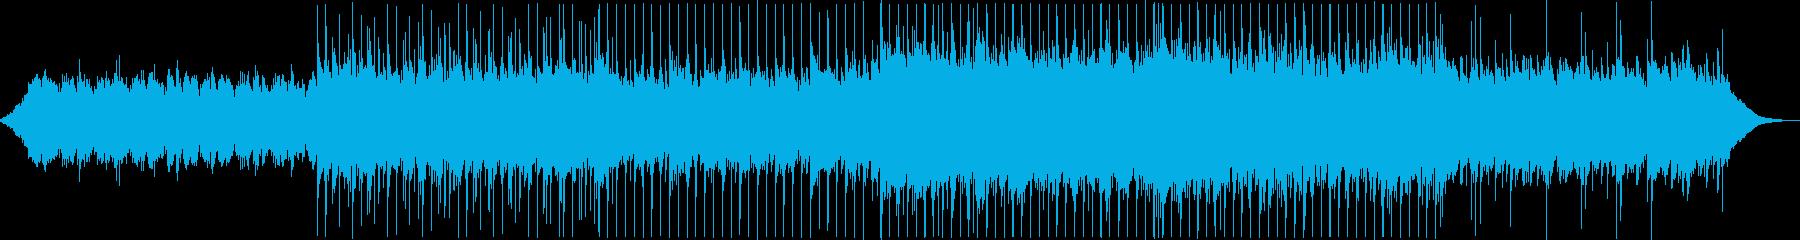 爽やかなポップ Sの再生済みの波形